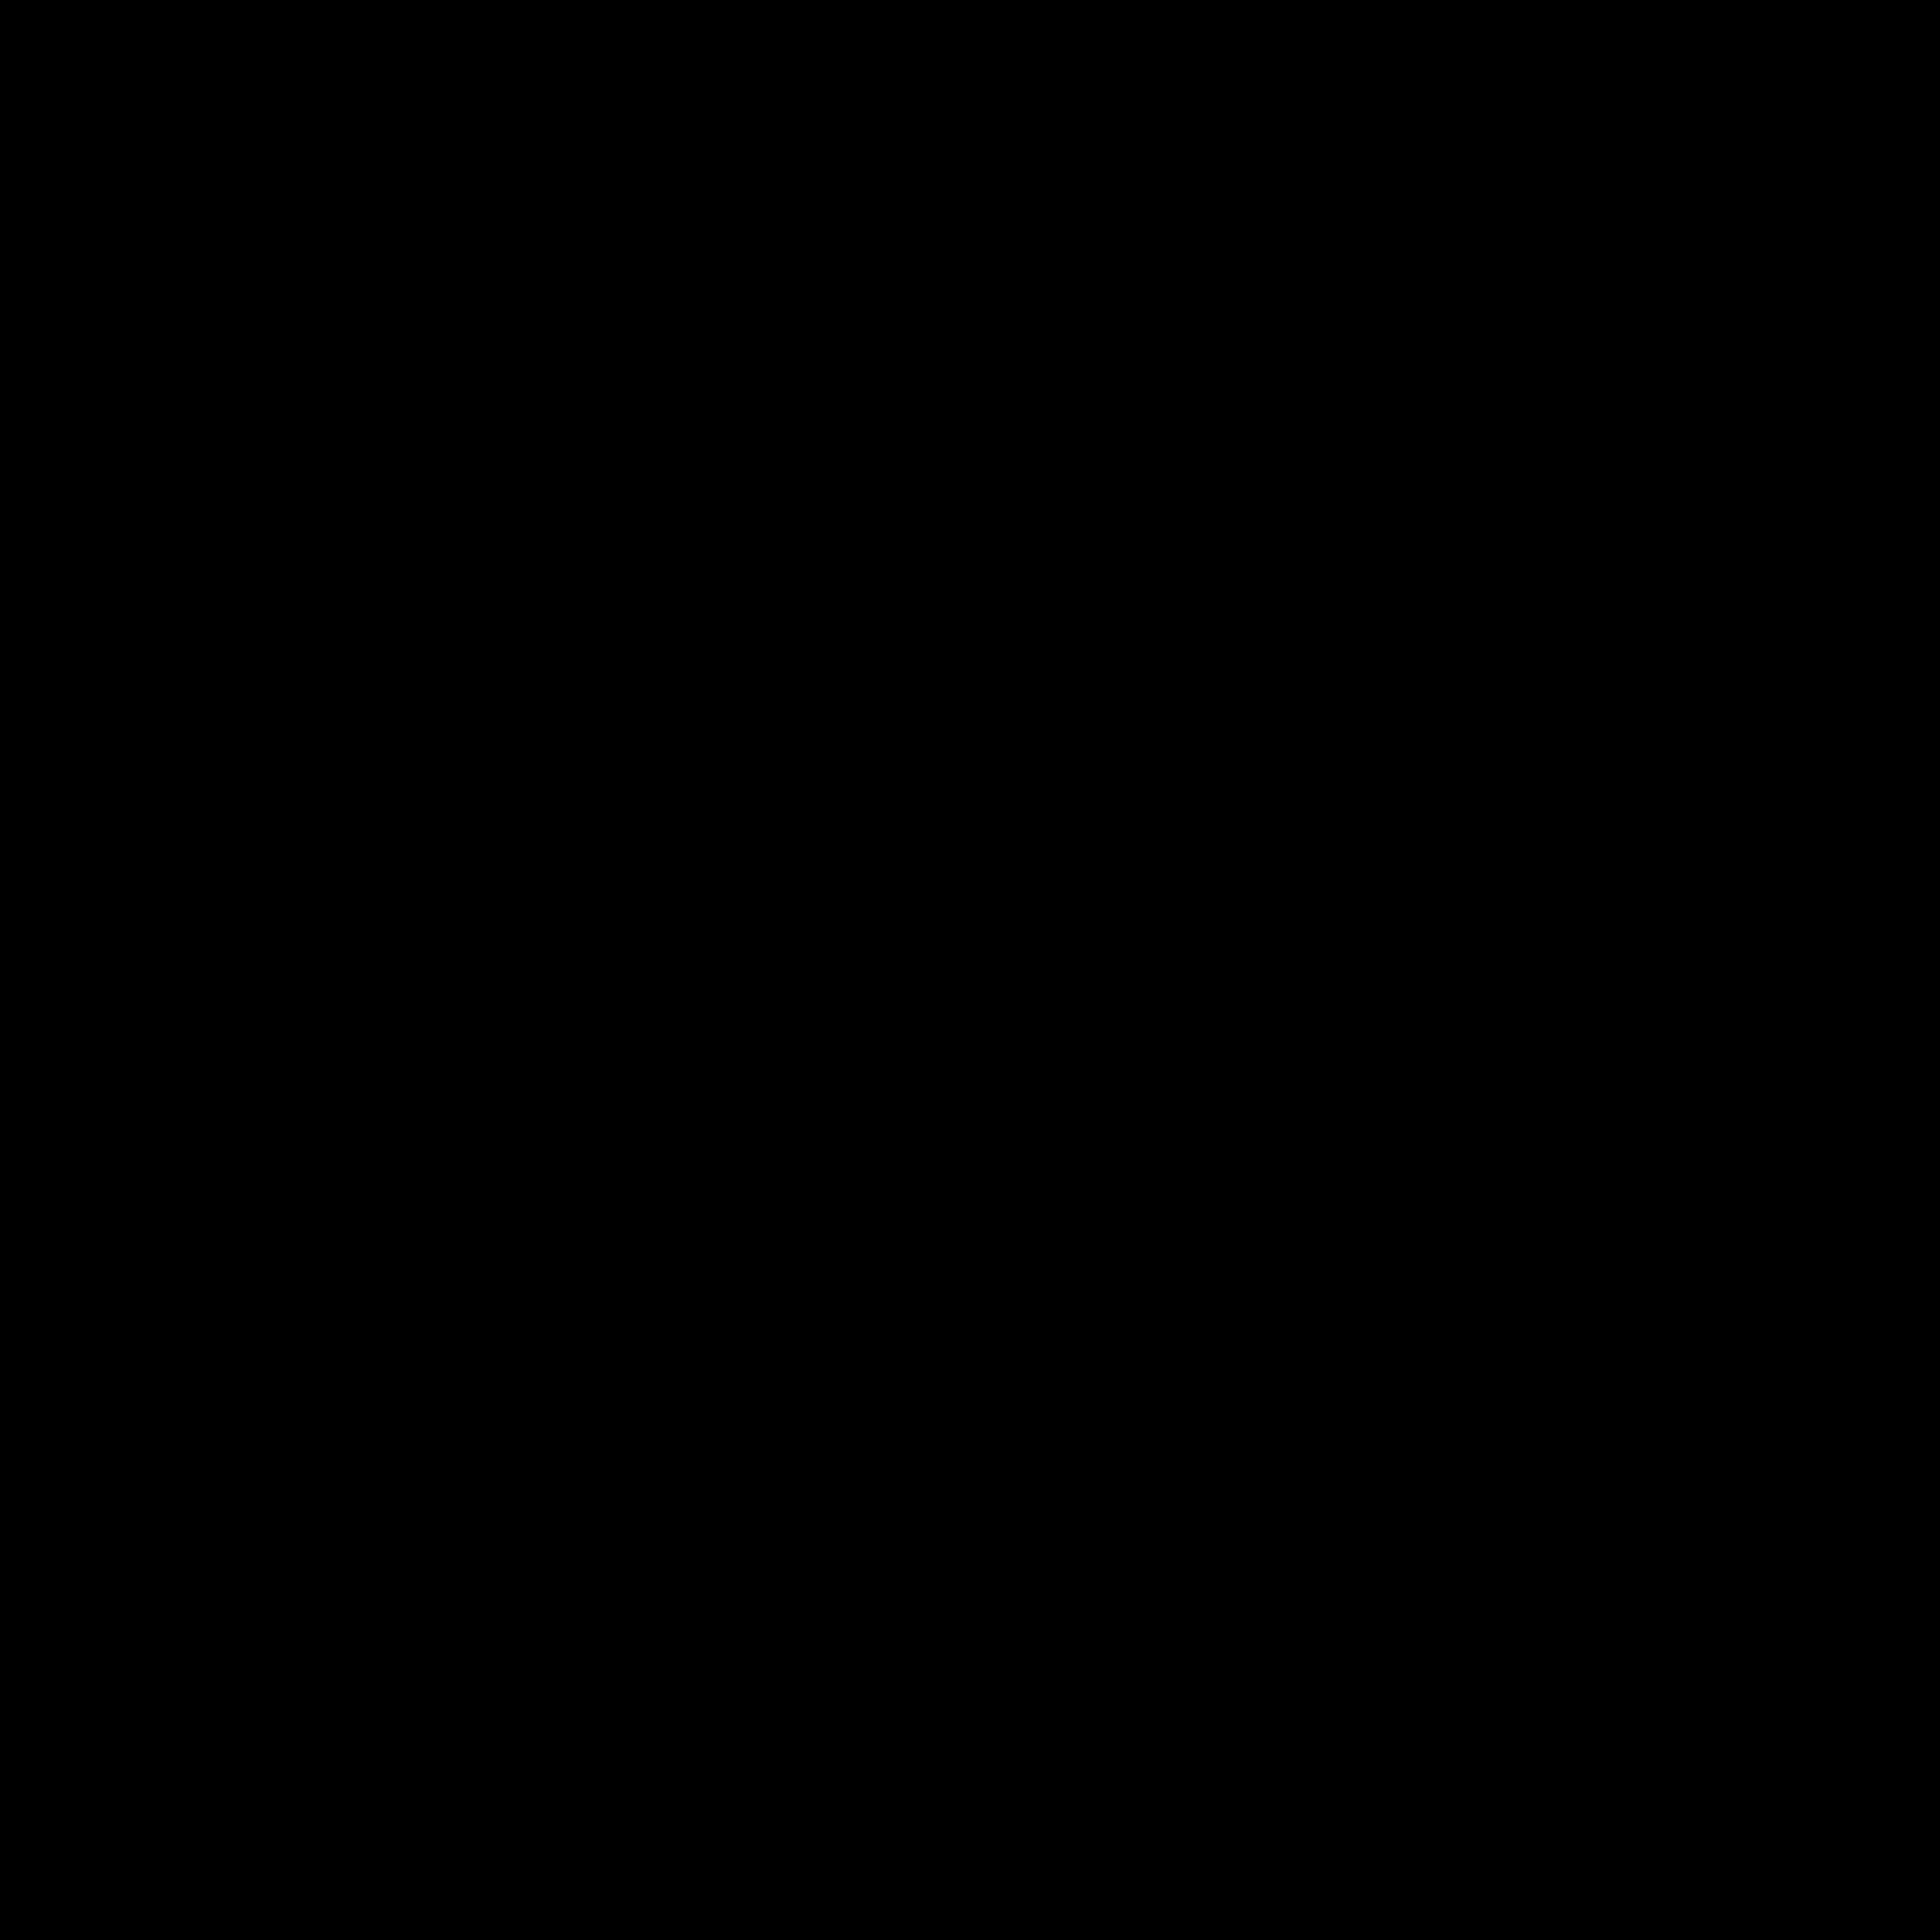 logo-slice-4.png